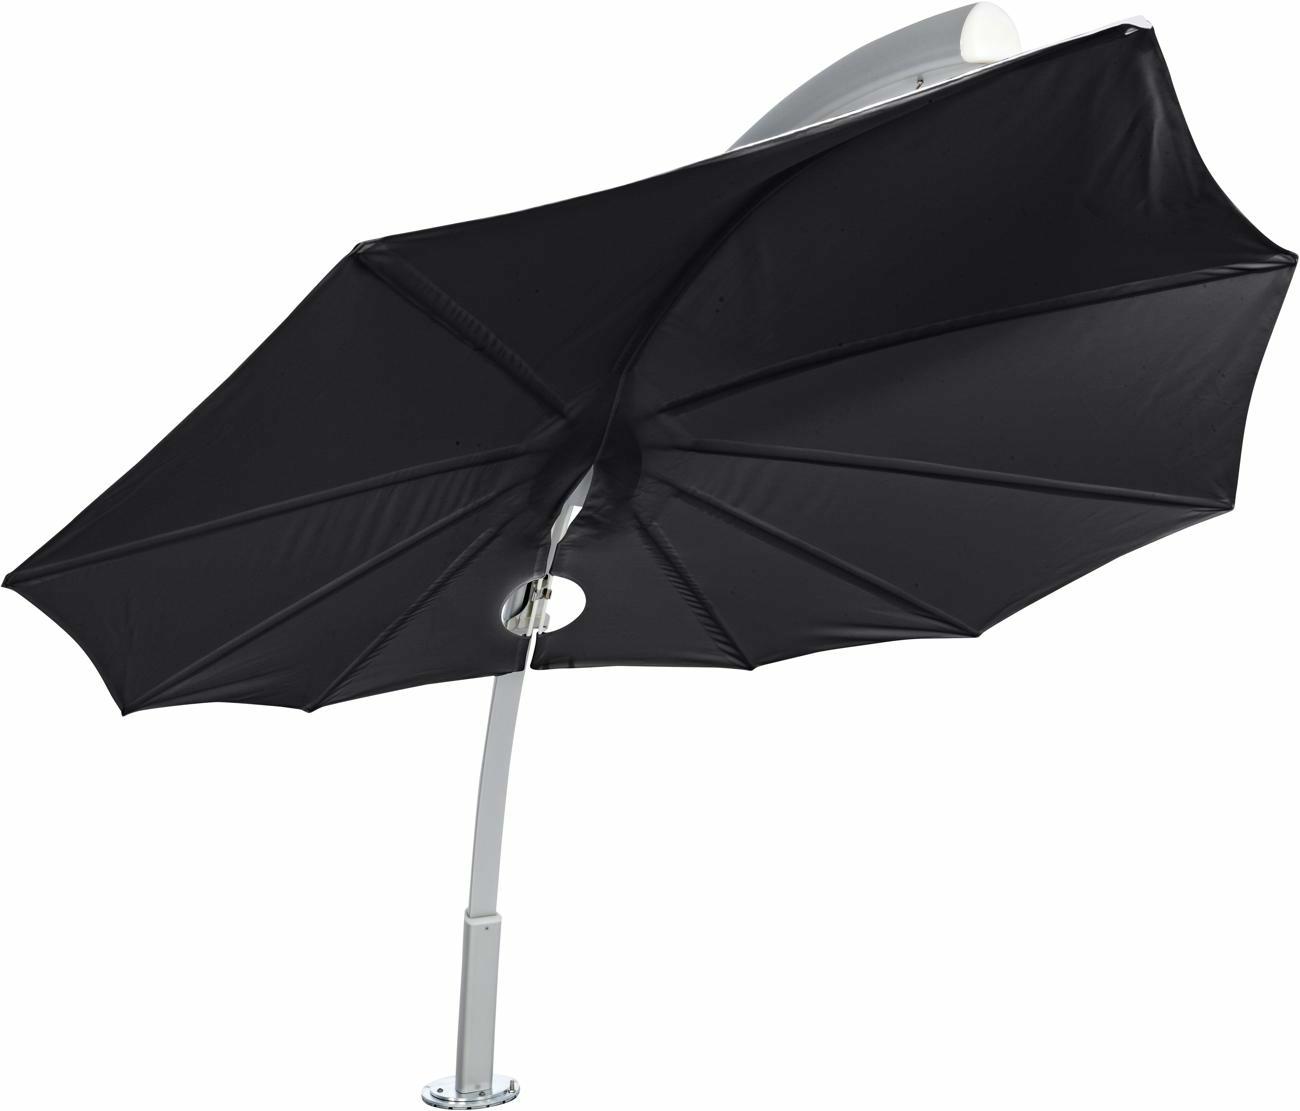 Icarus parasol design